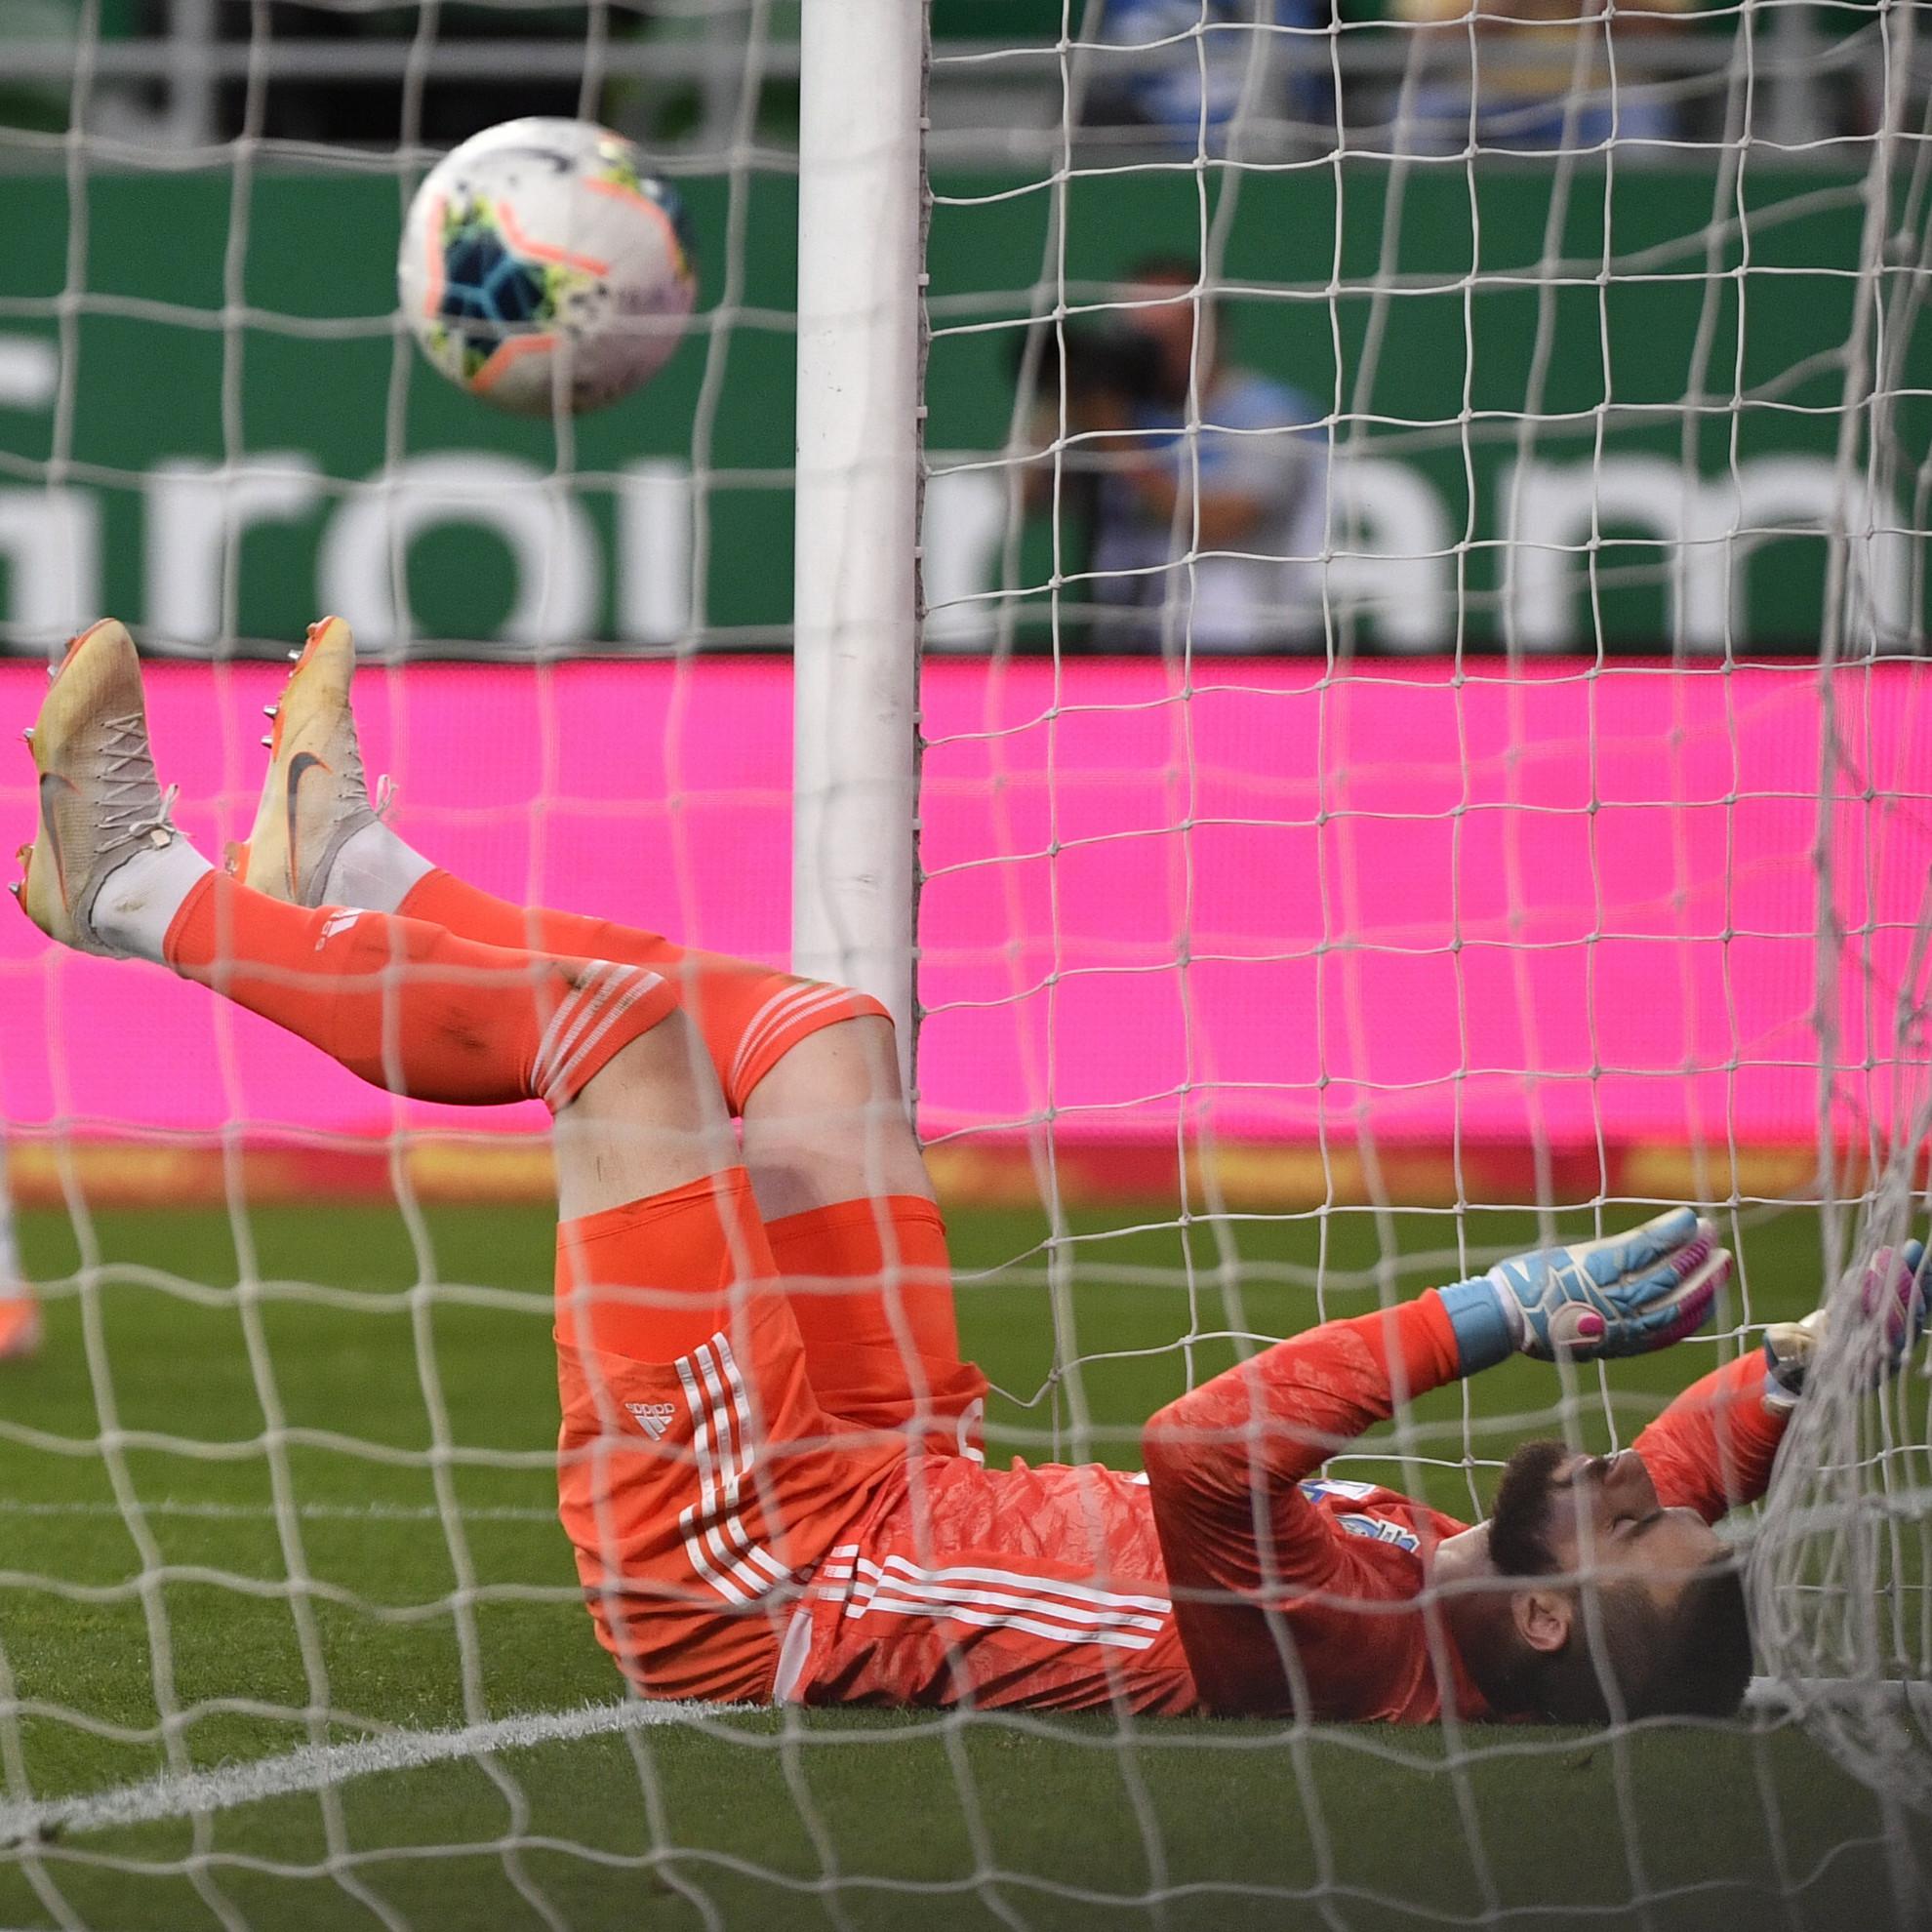 A mezőkövesdi Szappanos Péter kapus, miután gólt kapott a labdarúgó OTP Bank Liga 33., utolsó fordulójában játszott Ferencvárosi TC -Mezőkövesd Zsóry FC mérkőzésen a Groupama Arénában 2020. június 27-én